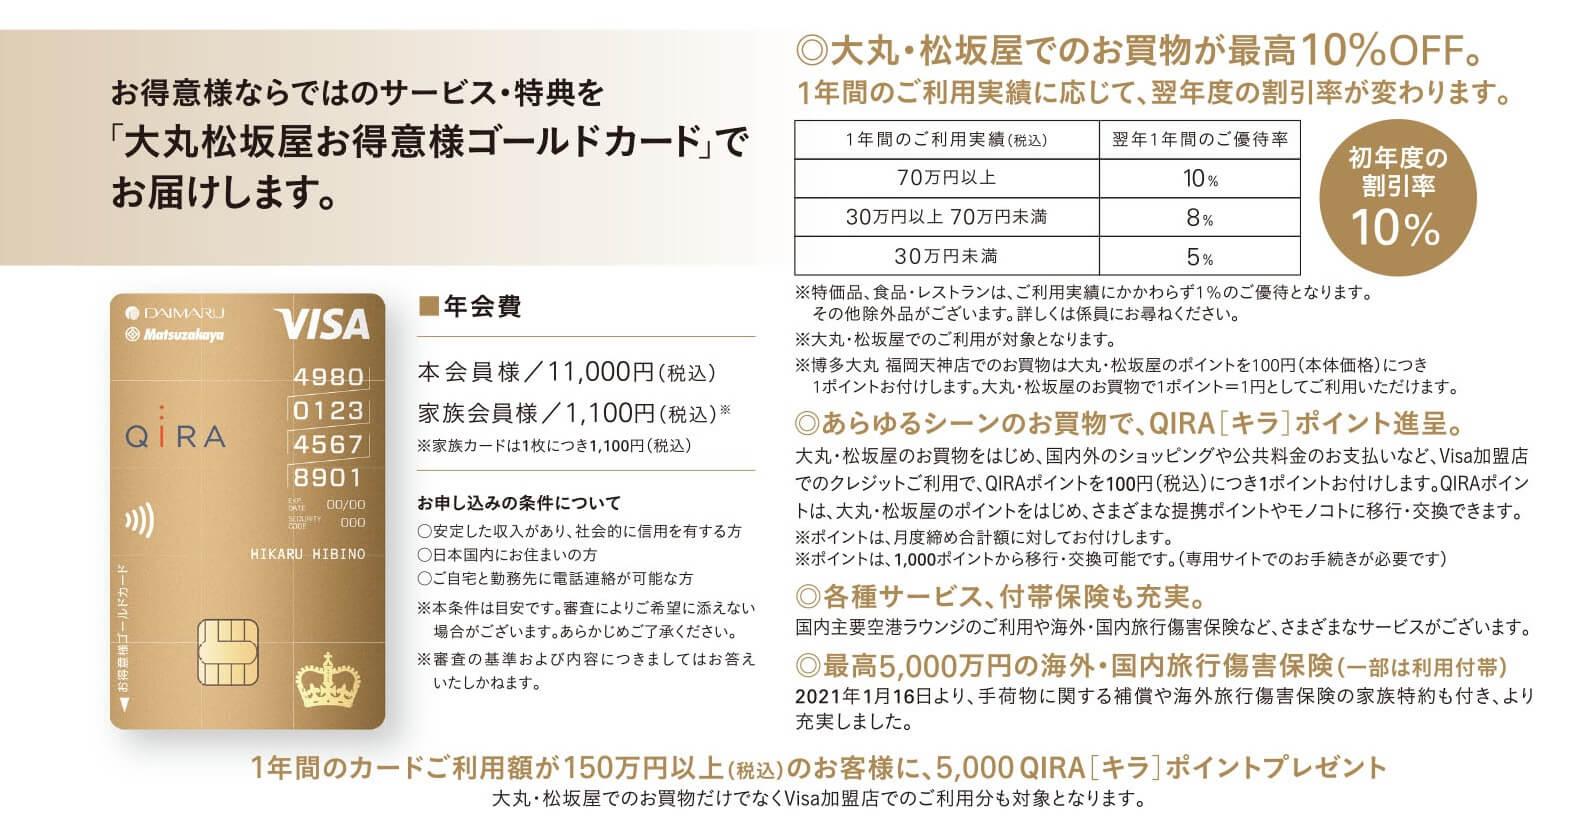 大丸・松坂屋 外商サービス 大丸松坂屋お得意様ゴールドカード概要